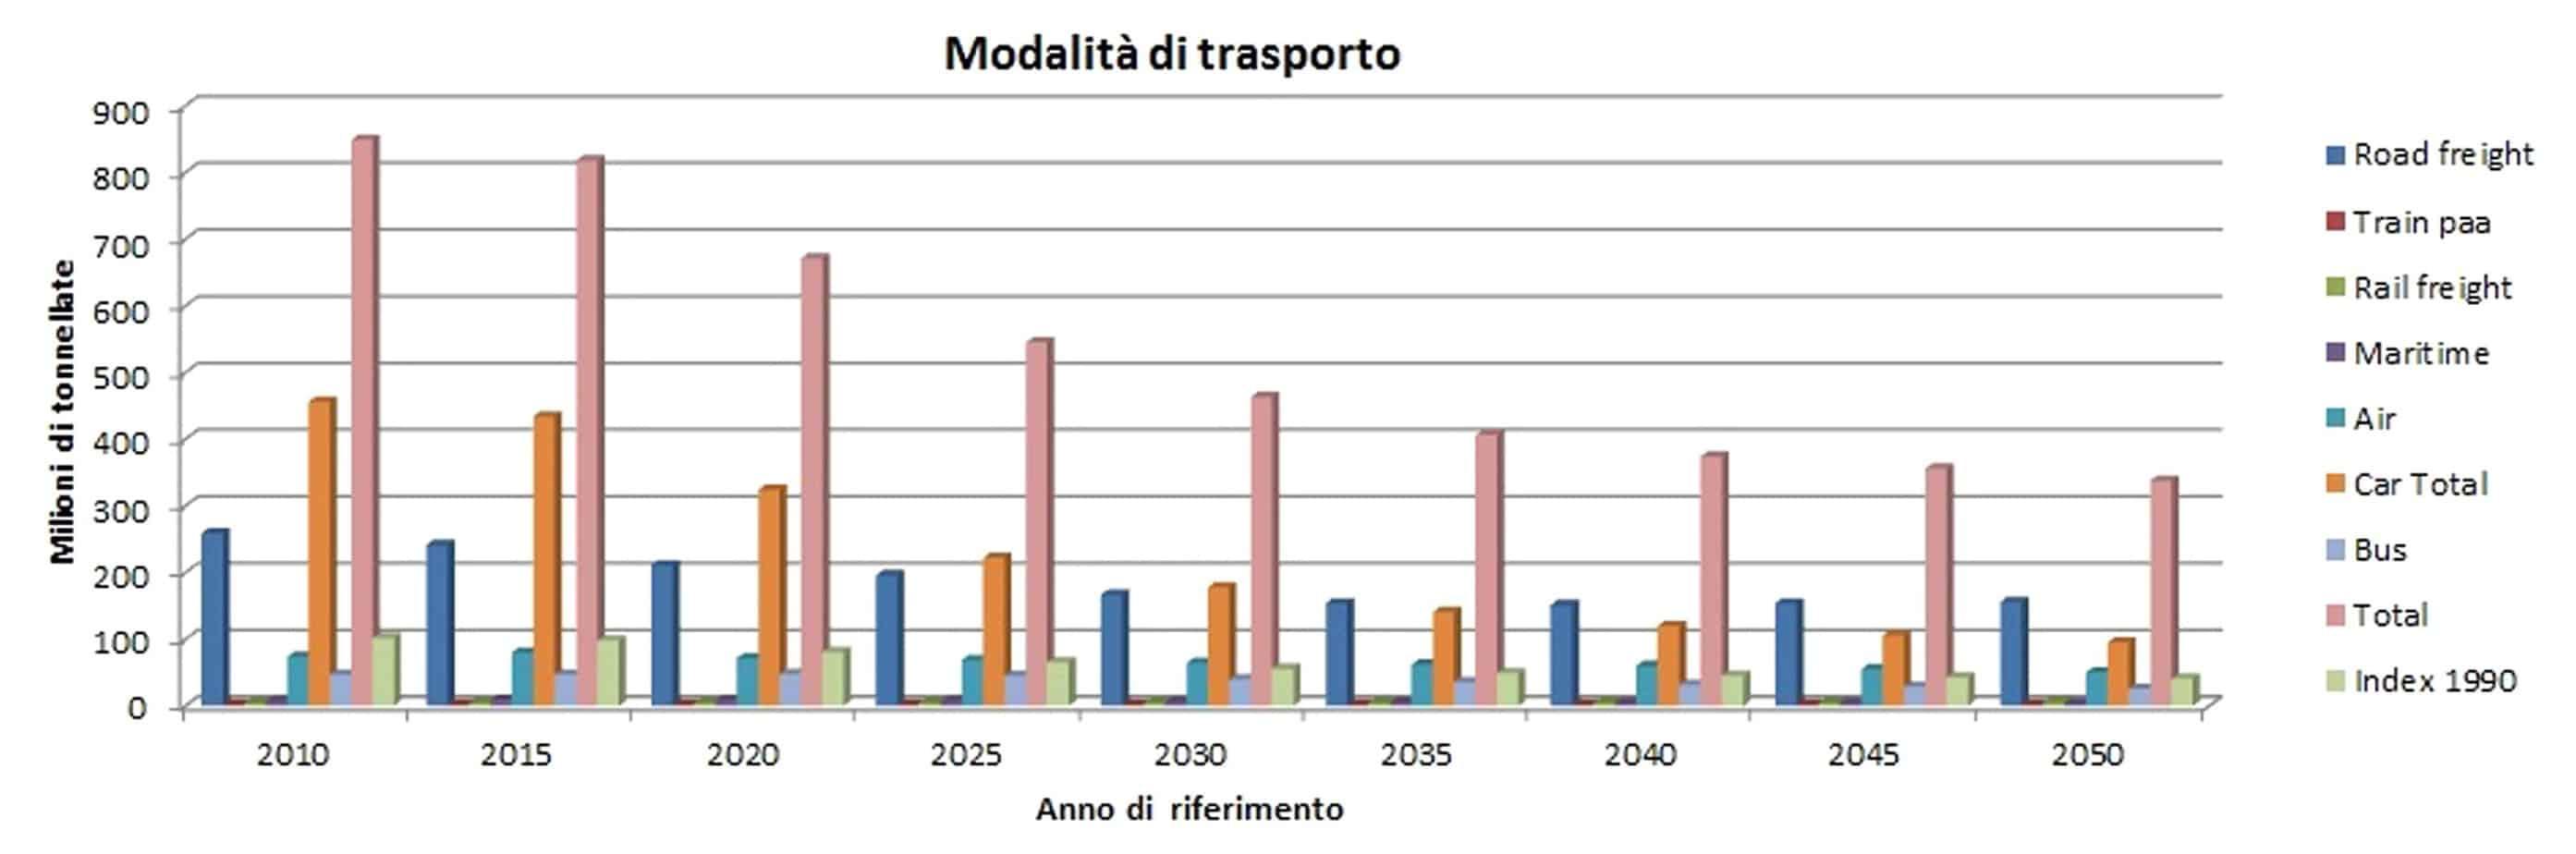 Lo scenario di ridotta mobilità - emissioni di CO2 dei trasporti (milioni di tonnellate/anno)